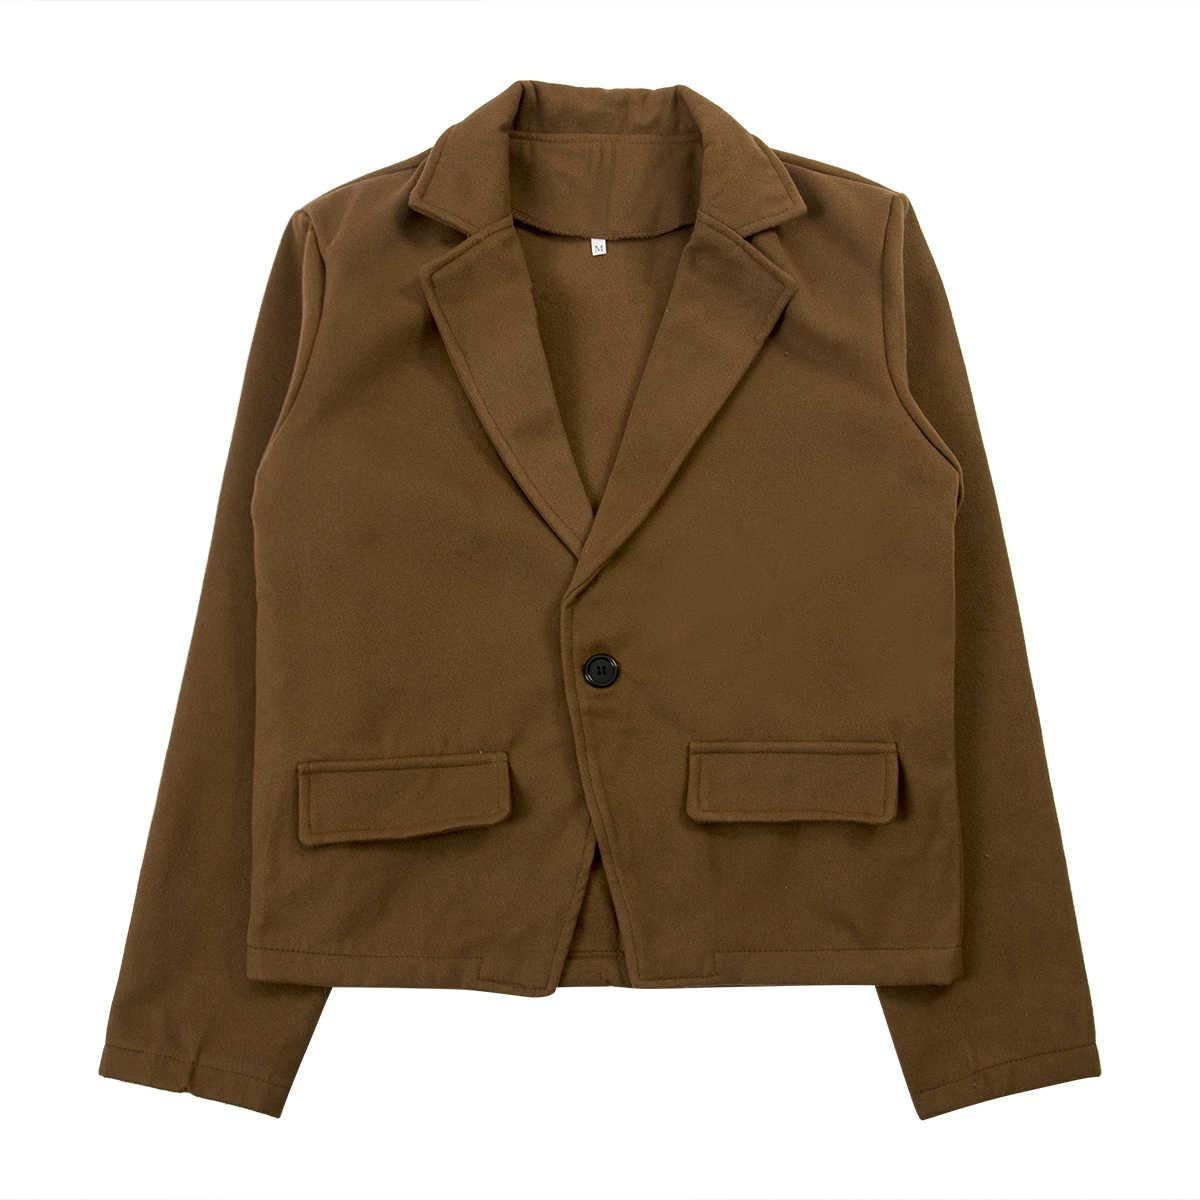 5 色ファッションメンズ 1 ボタンスーツブレザー男性ソリッドカラーのファッションコートフォーマルカジュアルスリムフィットブレザージャケット